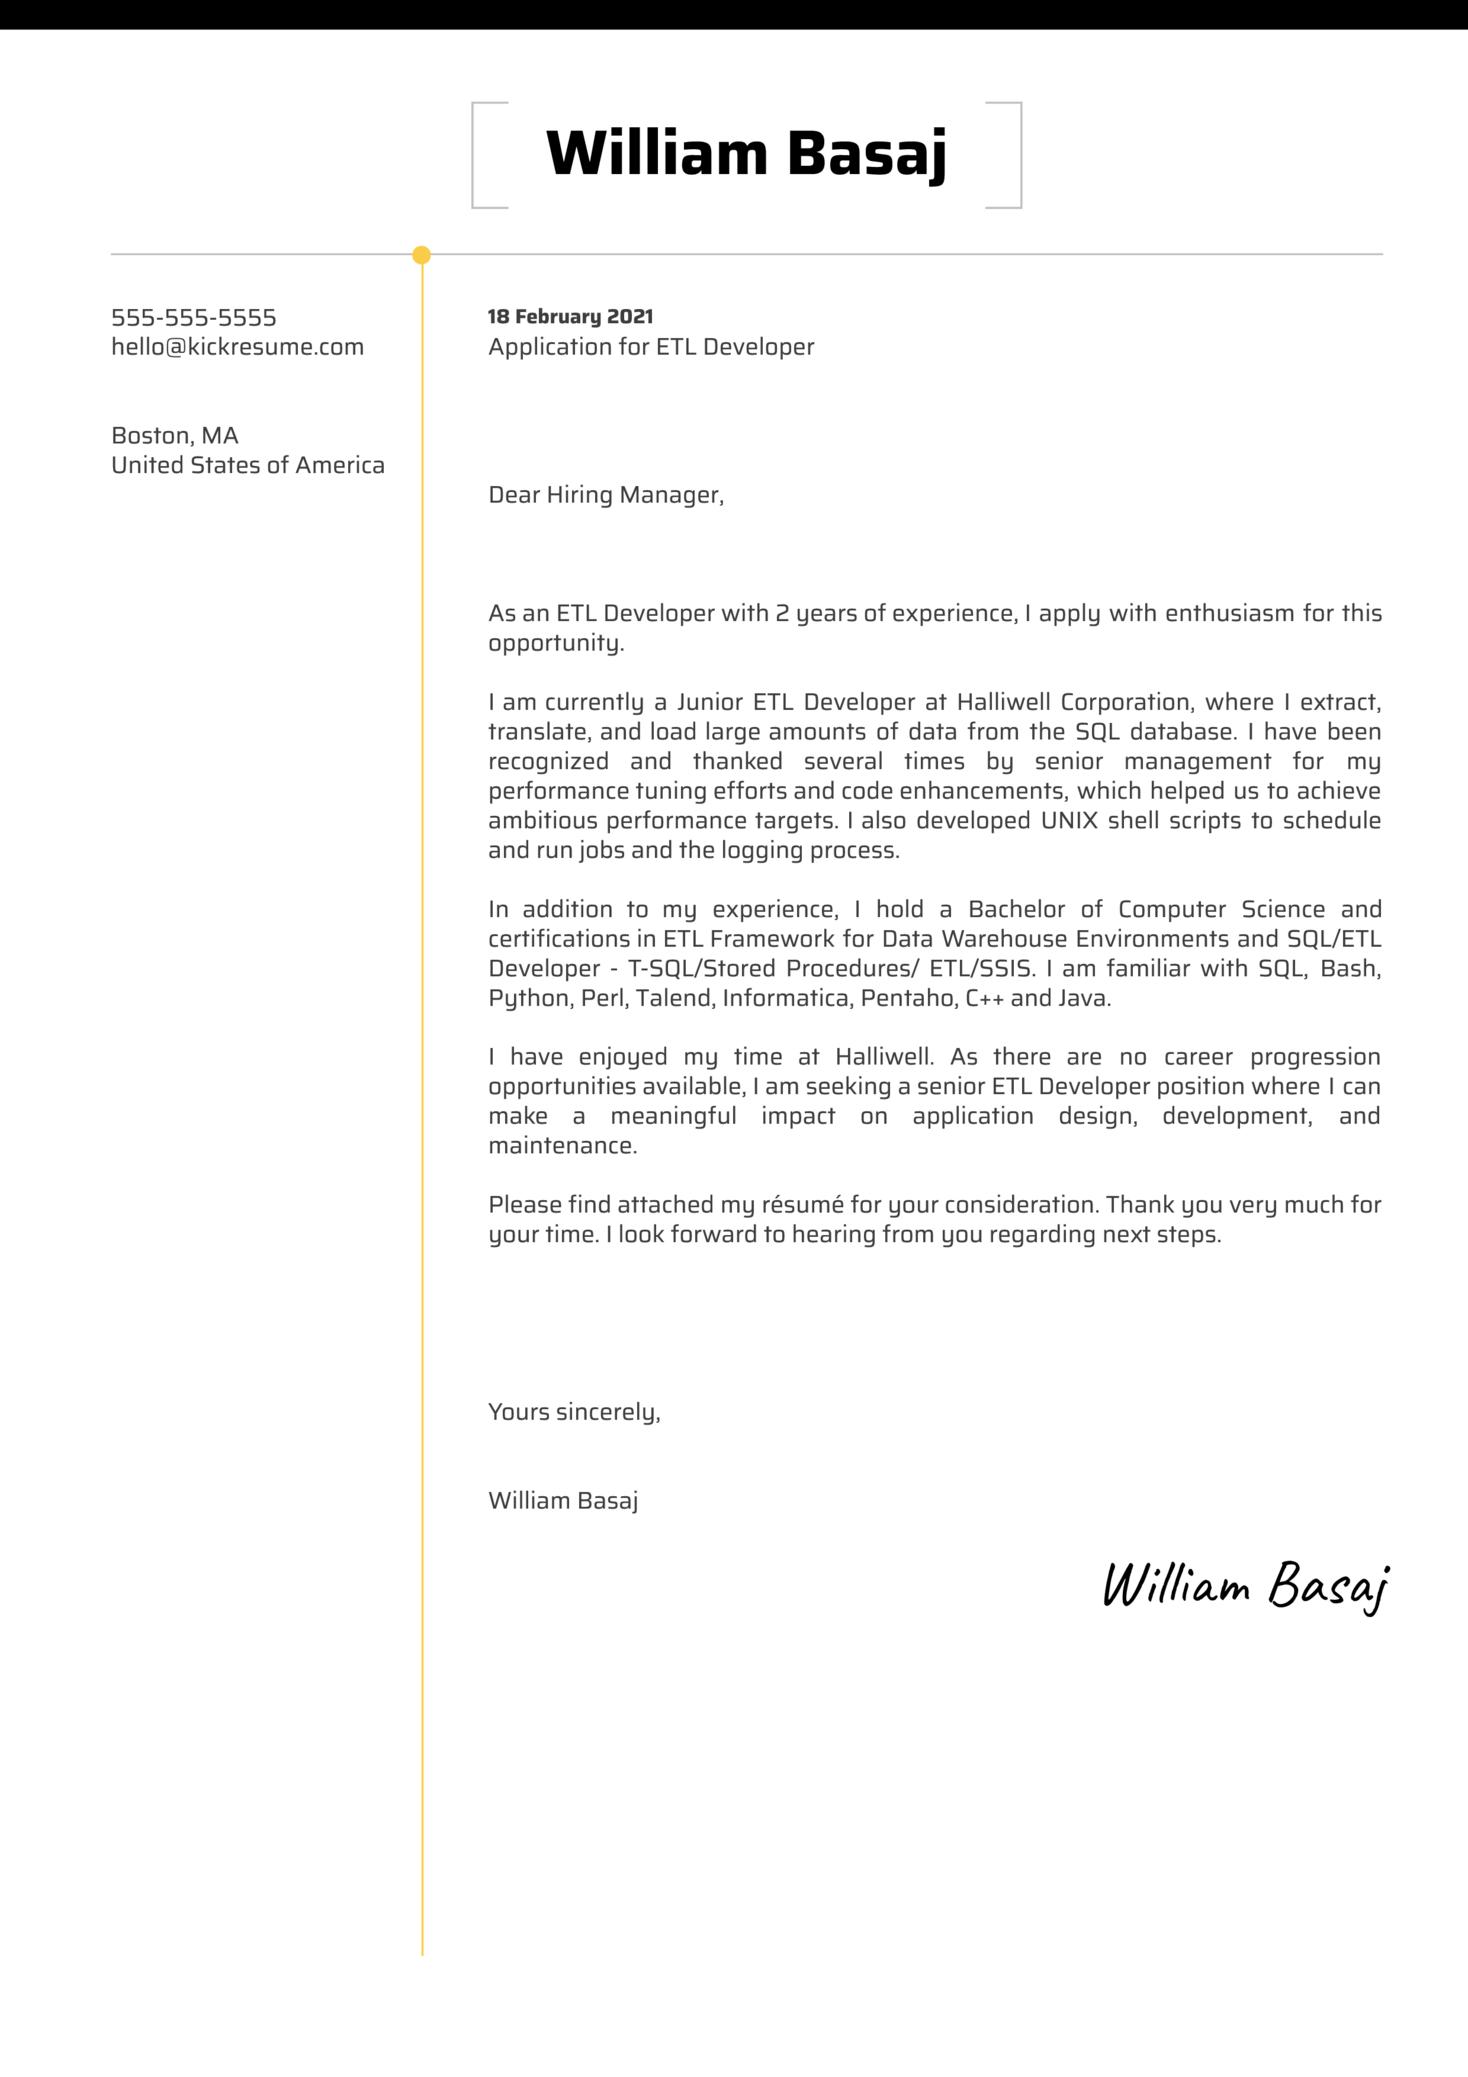 ETL Developer Cover Letter Template